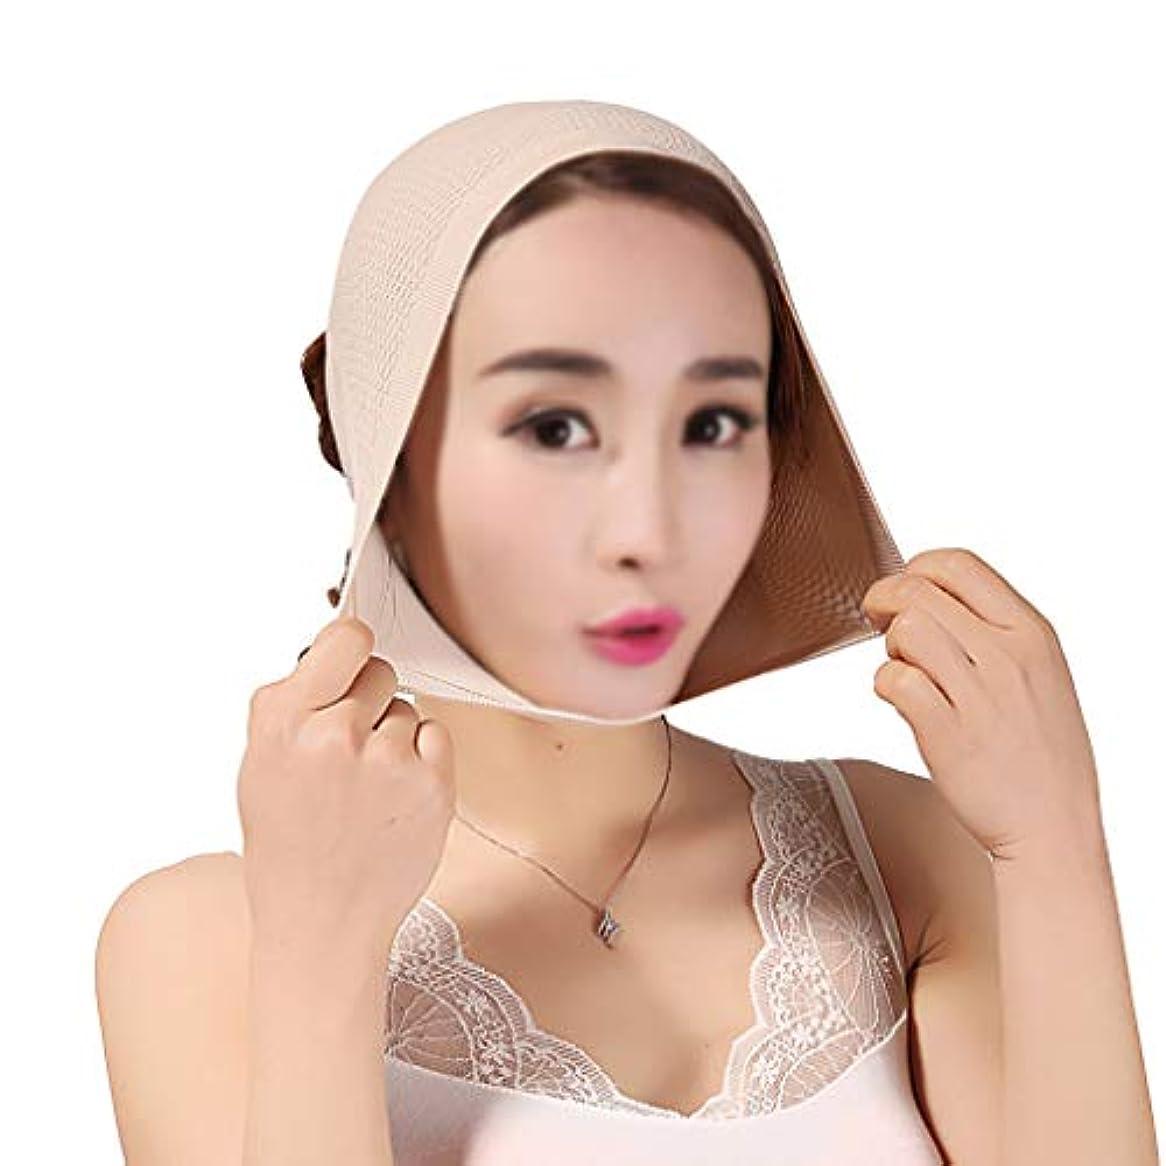 鳥ブリッジ熟考するGLJJQMY 痩身ベルトマスク薄い顔のマスクの睡眠薄い顔の包帯の薄い顔のマスクの顔のアーティファクト小さなV顔のダブルチンリフト引き締め顔補正 顔用整形マスク